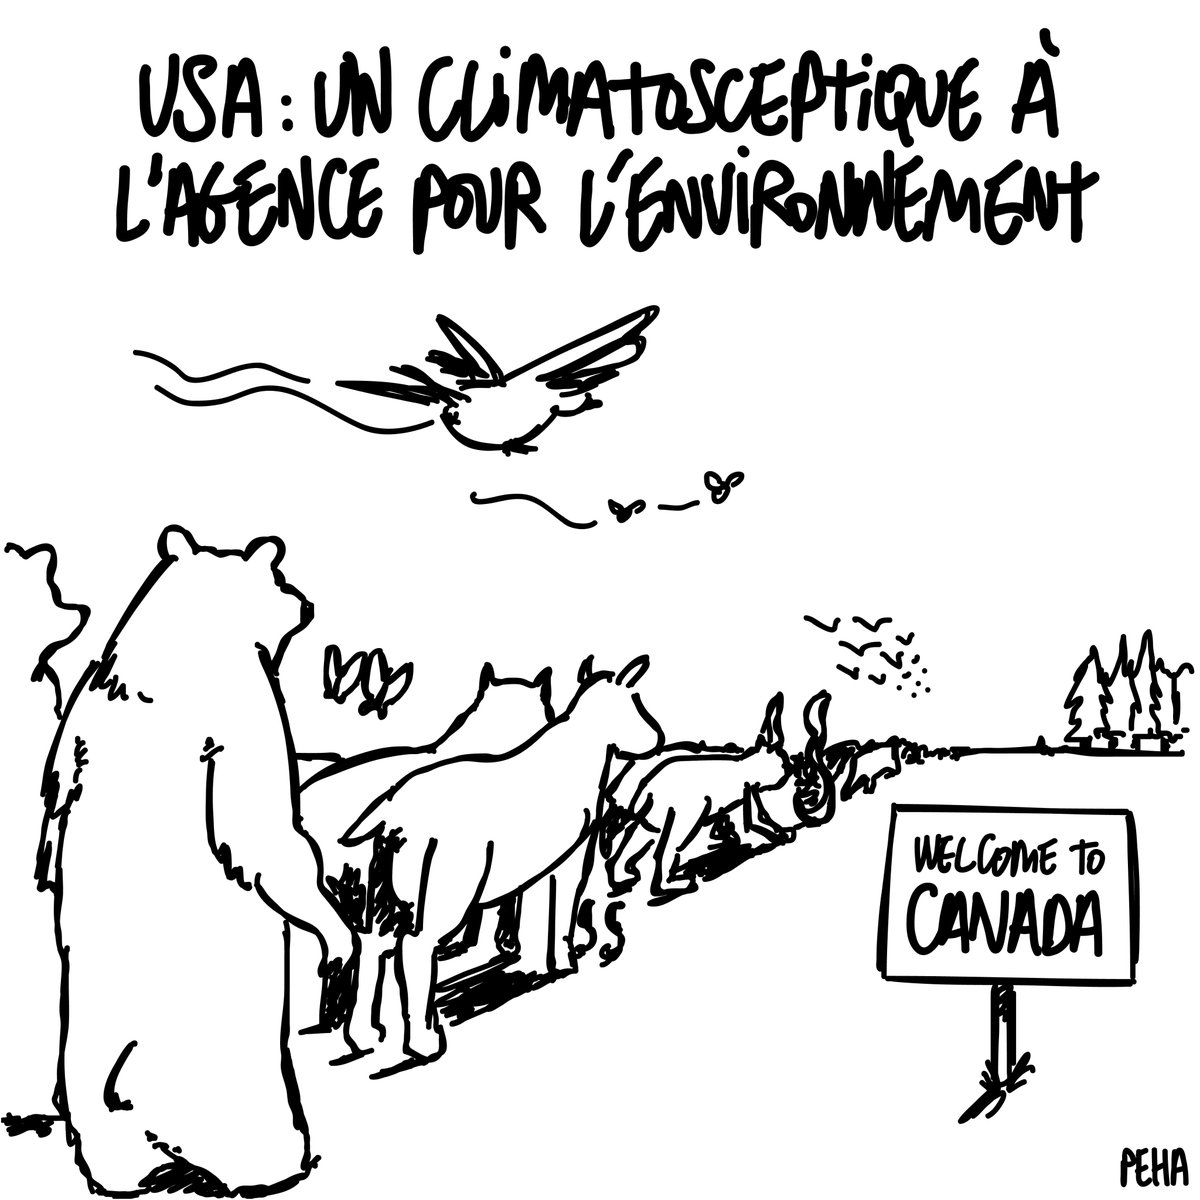 Le bal des crétins continue à la maison blanche #Pruitt #Trump #climatechange <br>http://pic.twitter.com/P25arpqobs